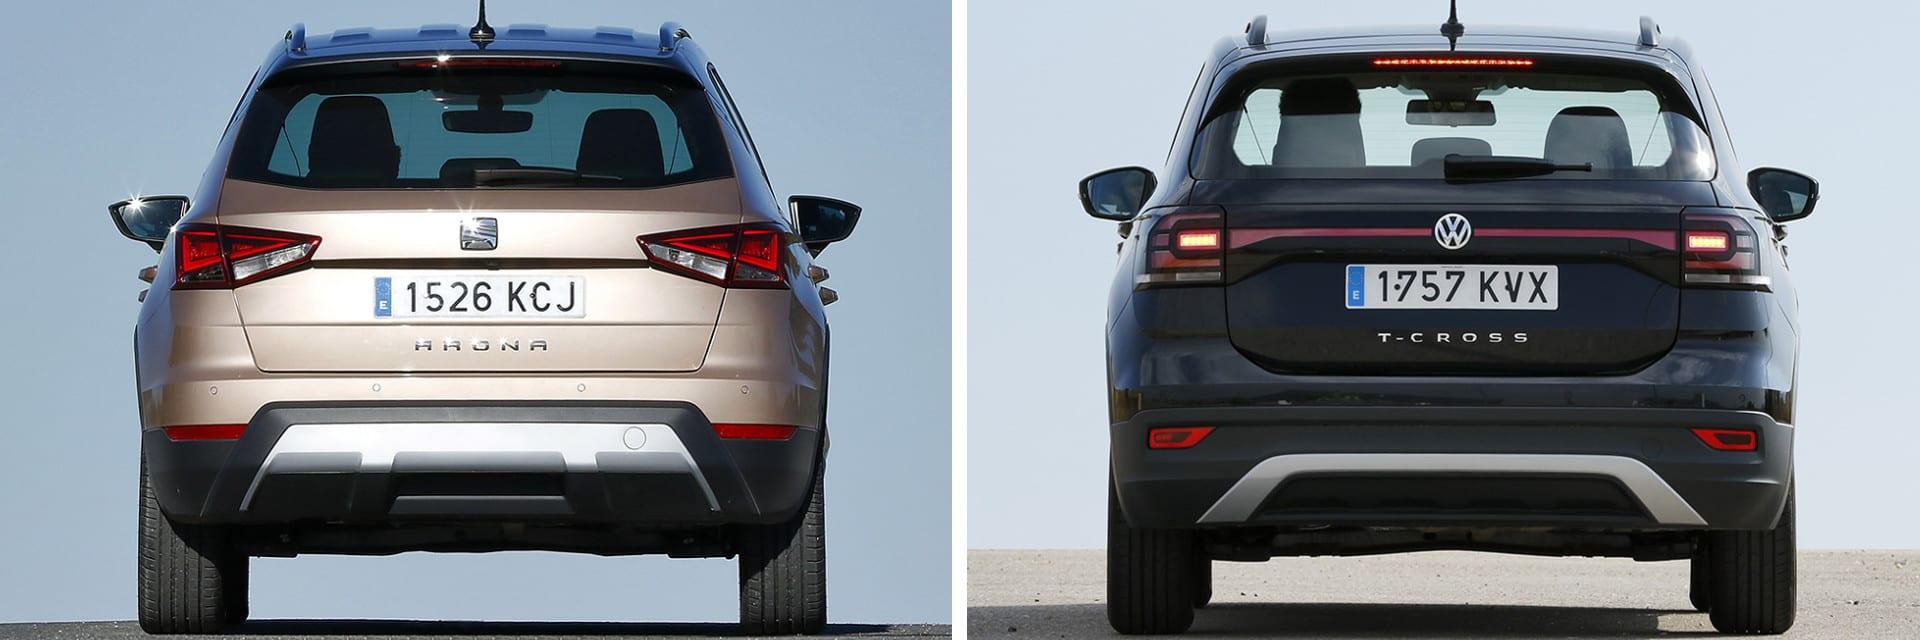 El Arona (izq.) es un vehículo de tacto ágil; el T-Cross (dcha.) es ideal para quienes buscan un coche cómodo y estable. / km77